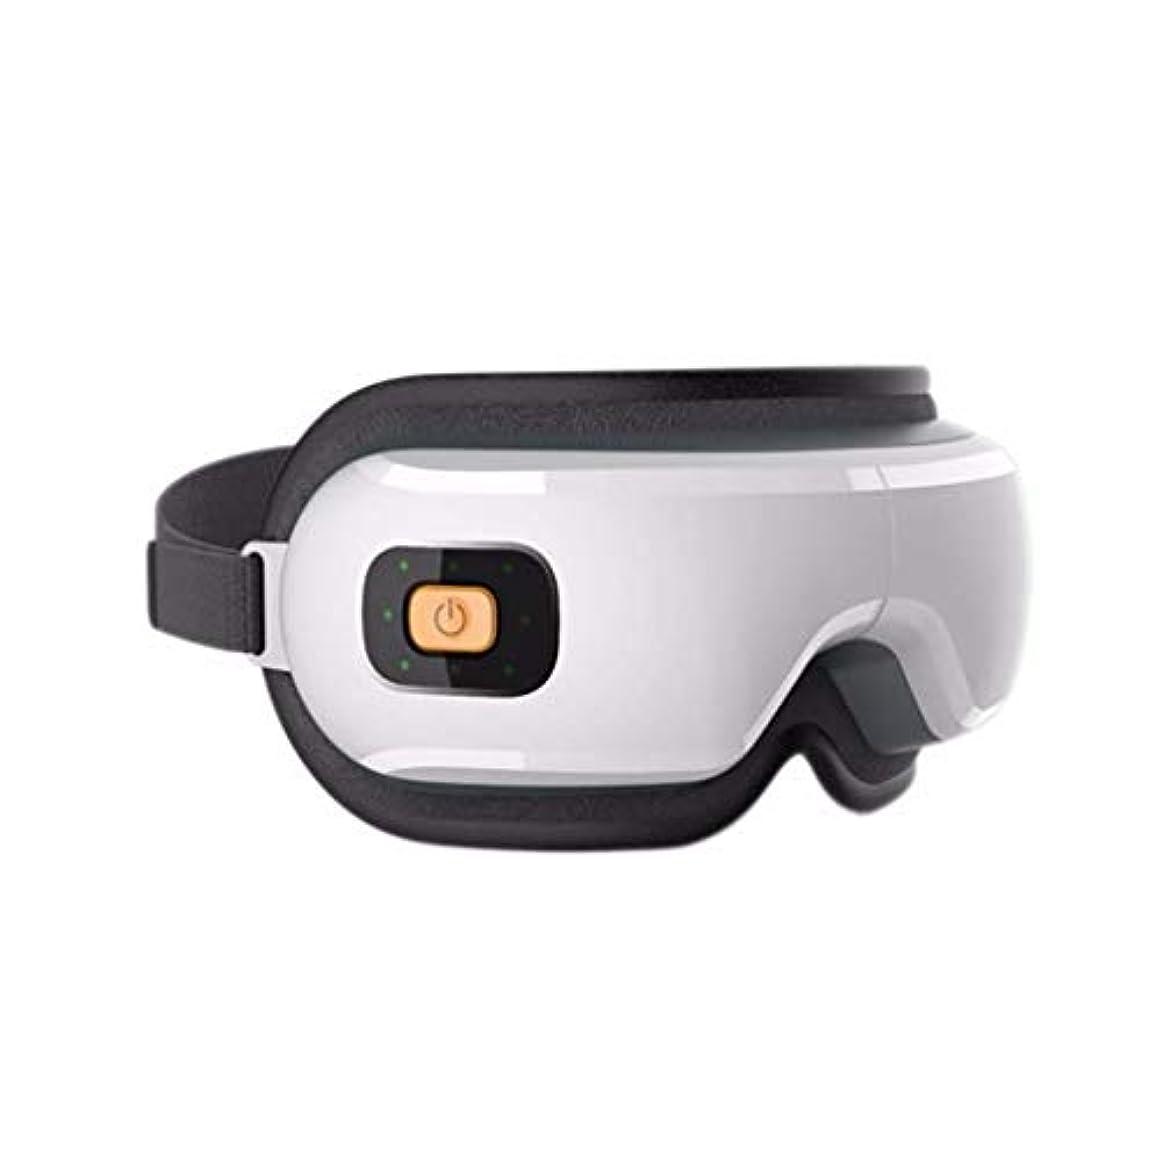 自分を引き上げるメイエラ記録アイマッサージャー、ワイヤレススマート電動アイマスク、マッサージ/充電/ブルートゥース音声/加熱/多周波振動/空気圧縮/なだめるような音楽/アイスパ、旅行事務車用